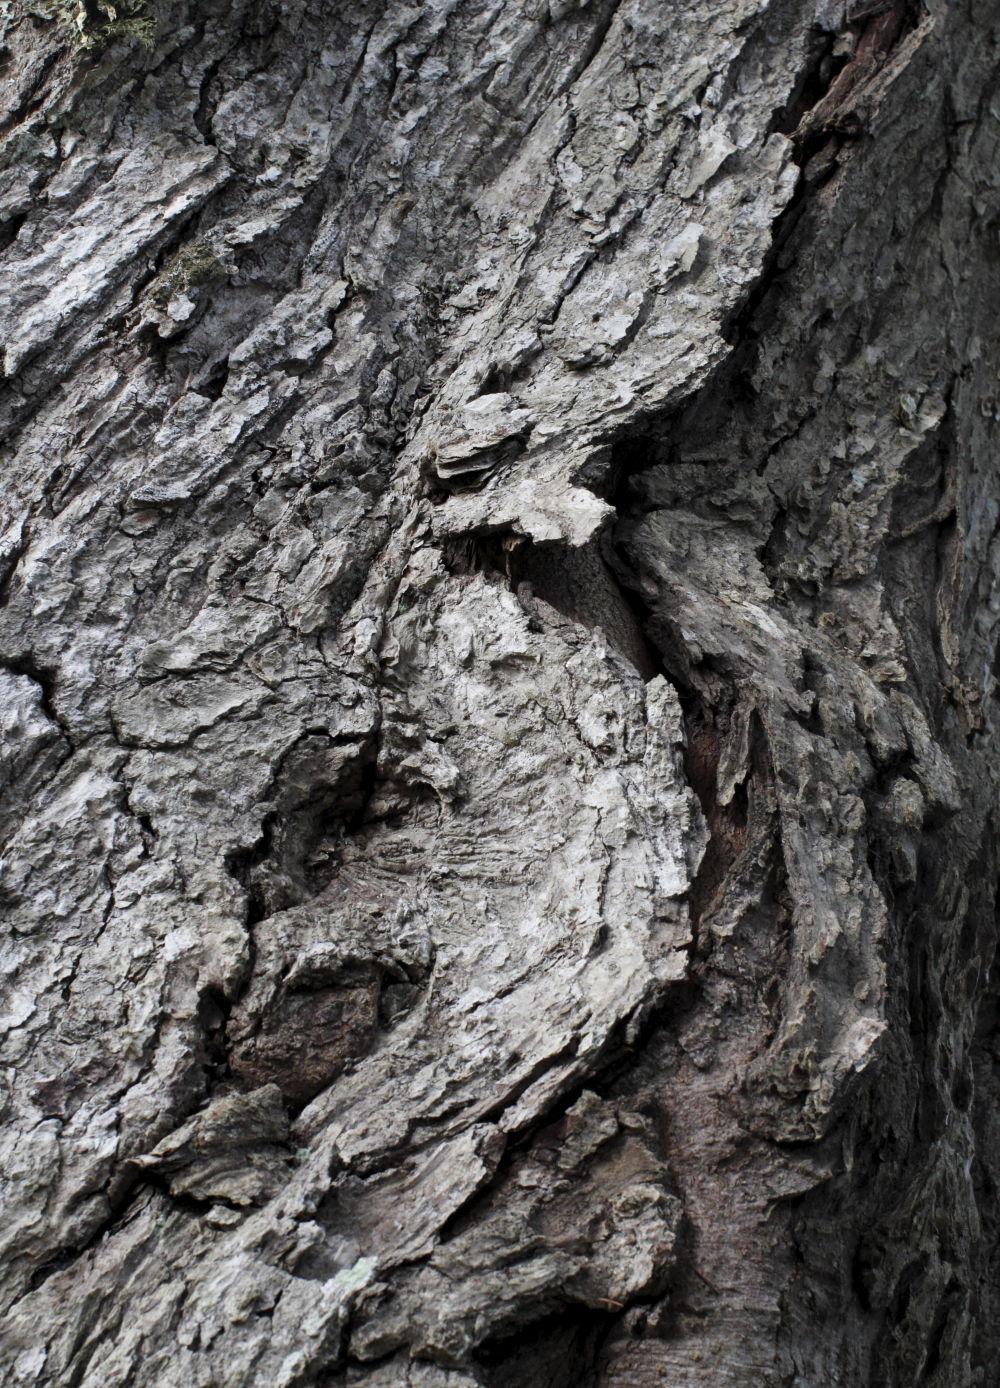 Wood + Leaves #8